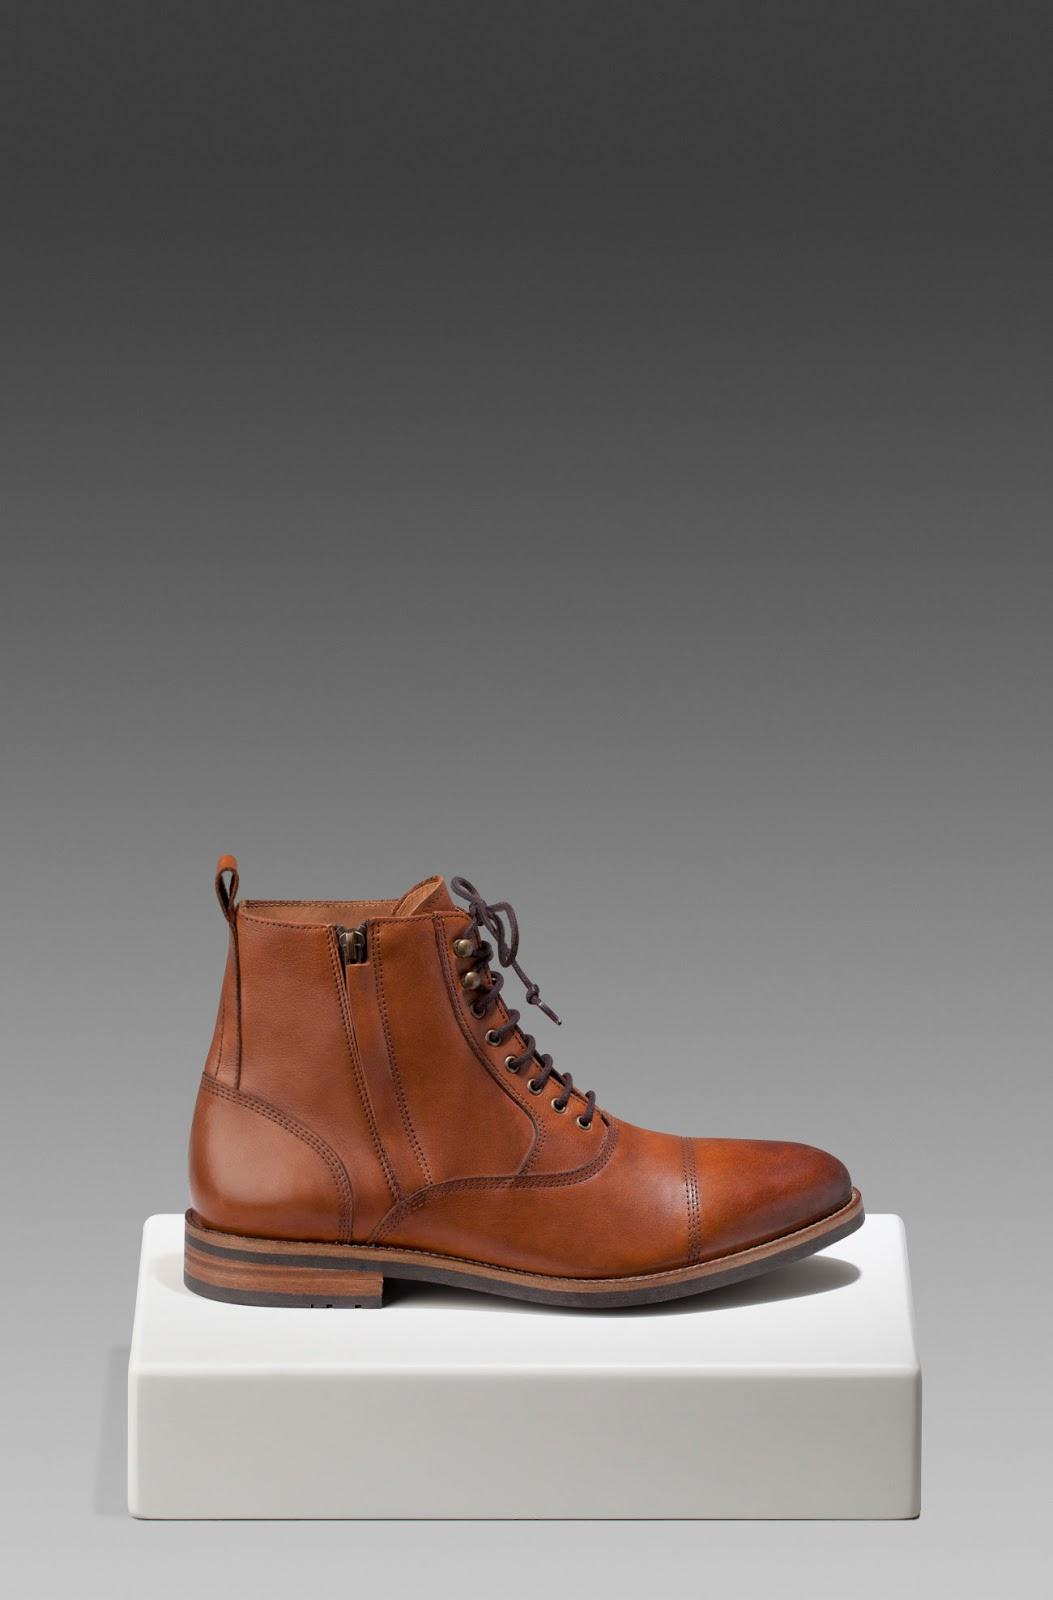 Vous pourrez l\u0027acquérir en boutique Massimo Dutti au prix de 135 \u20ac ou sur  le site en ligne de la marque www.massimodutti.be.